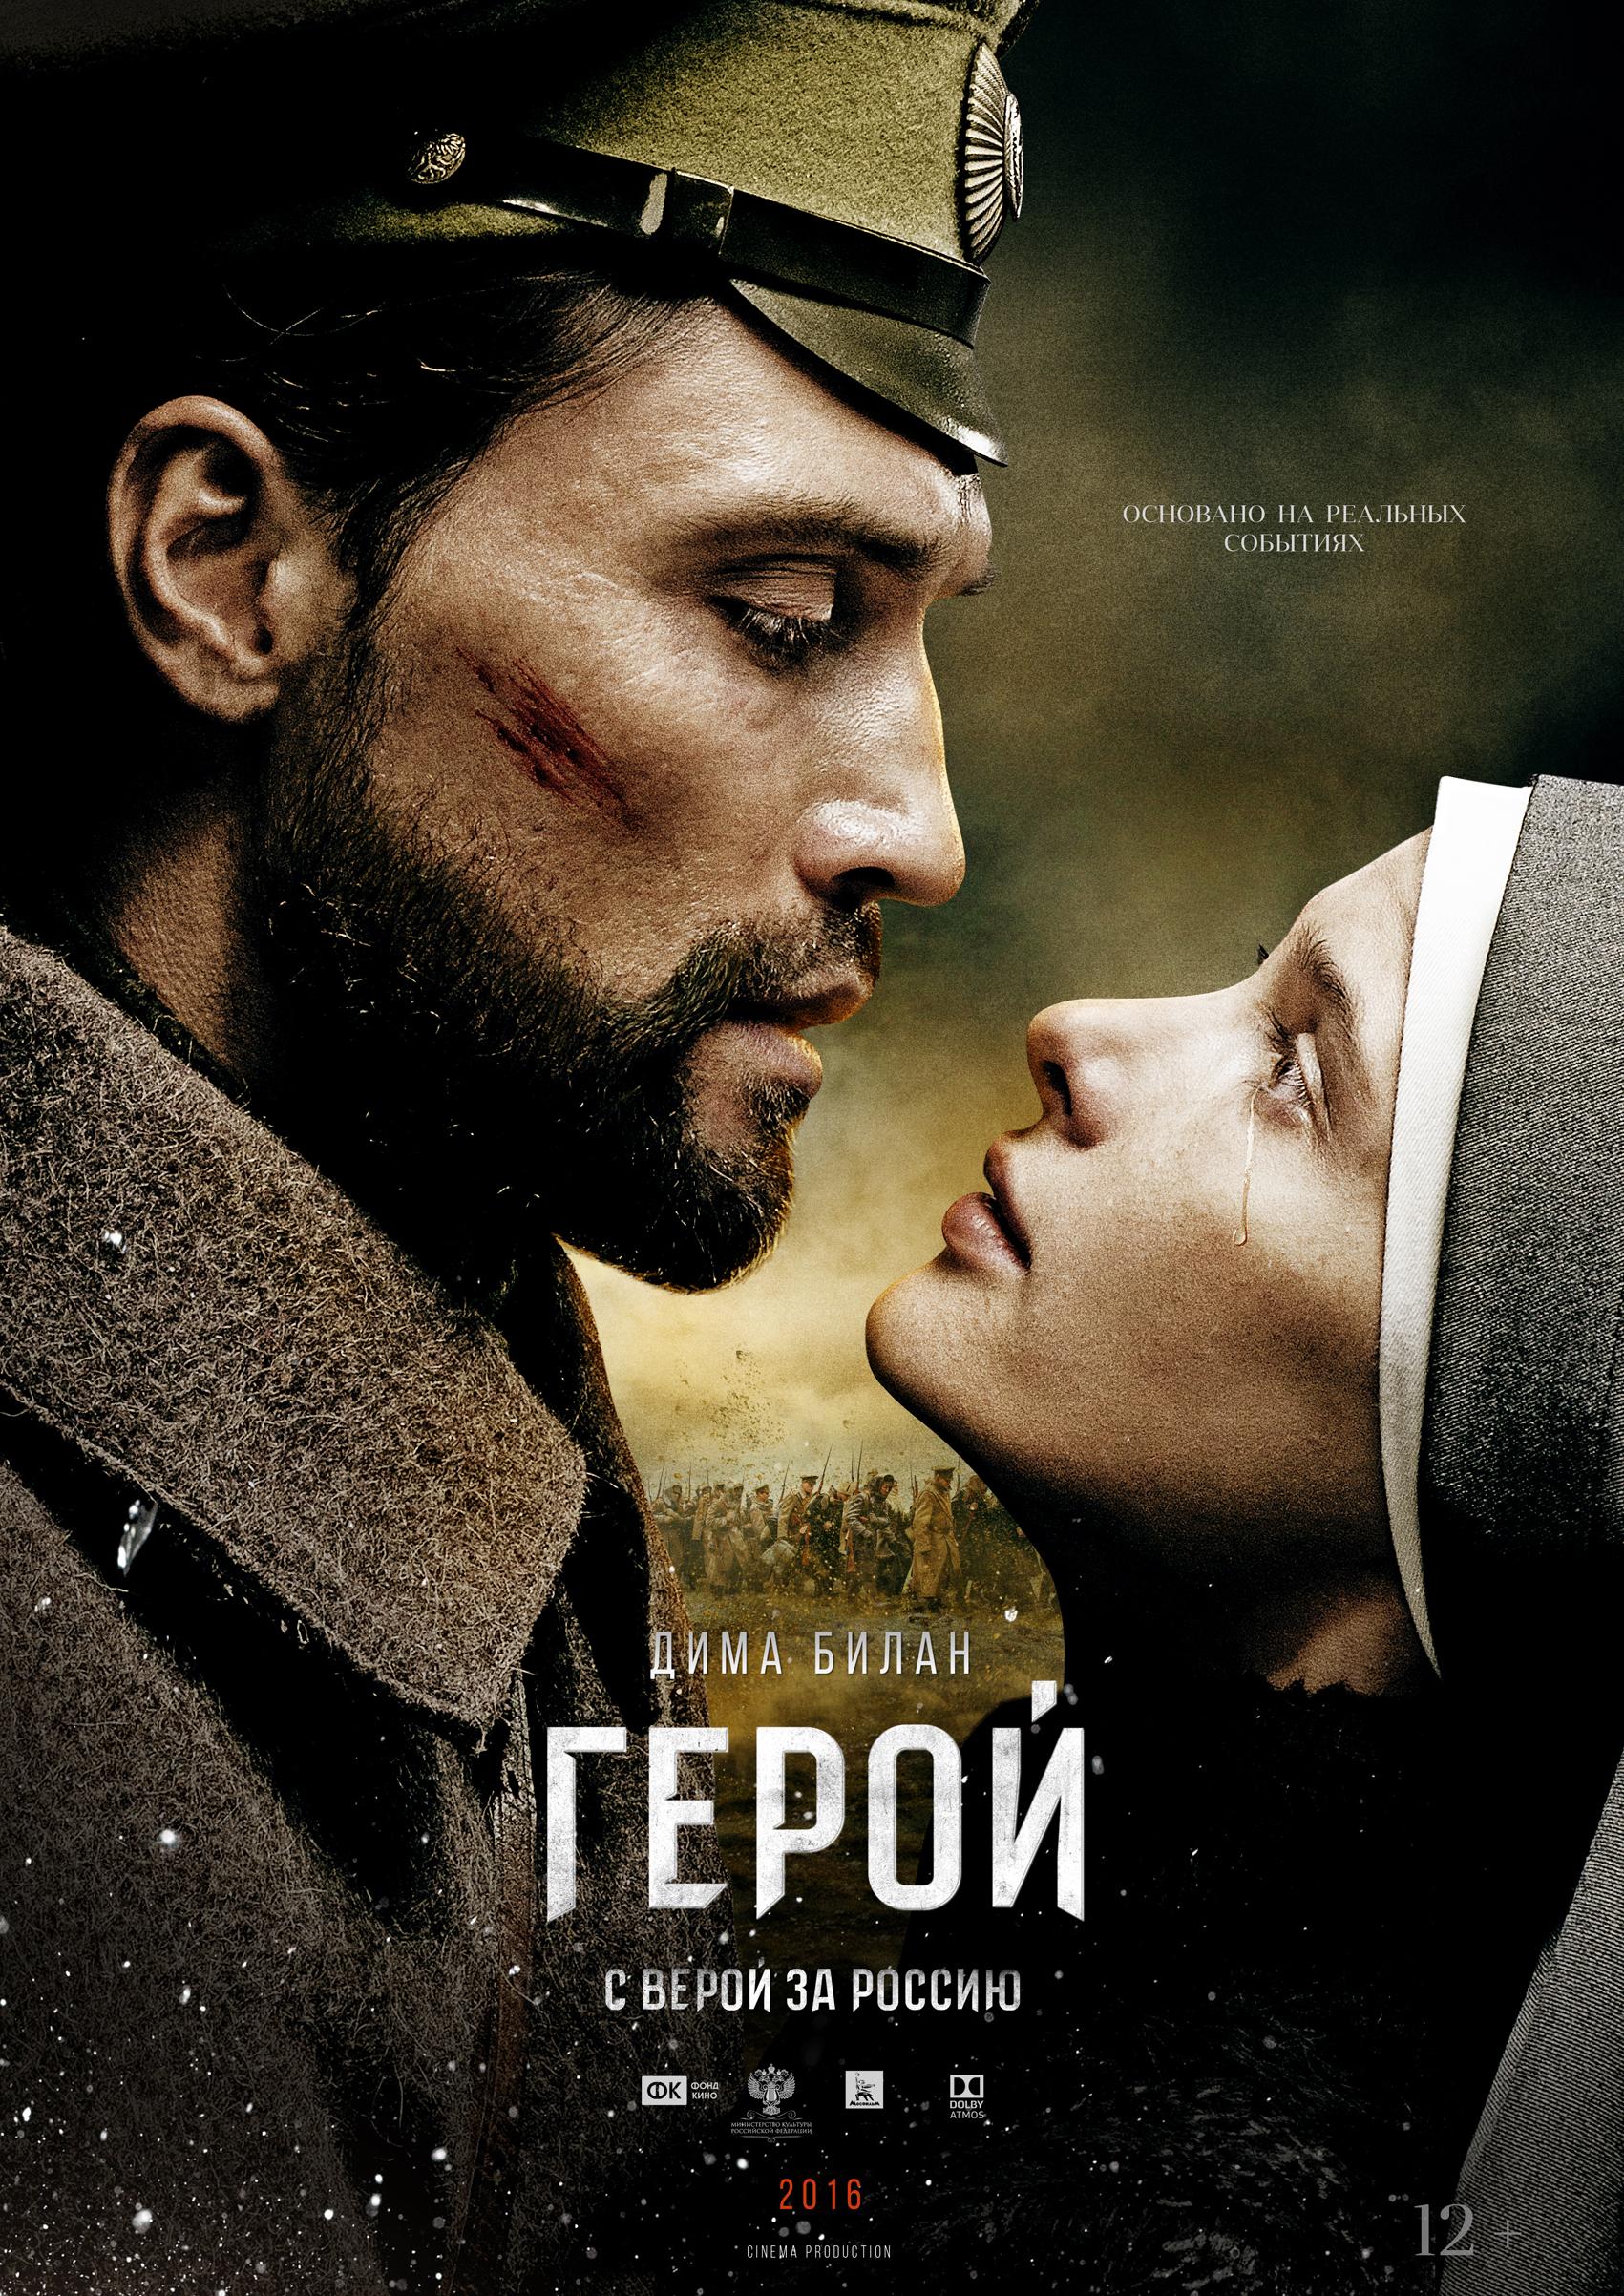 Русские фильмы и отечественное кино Смотреть советские и